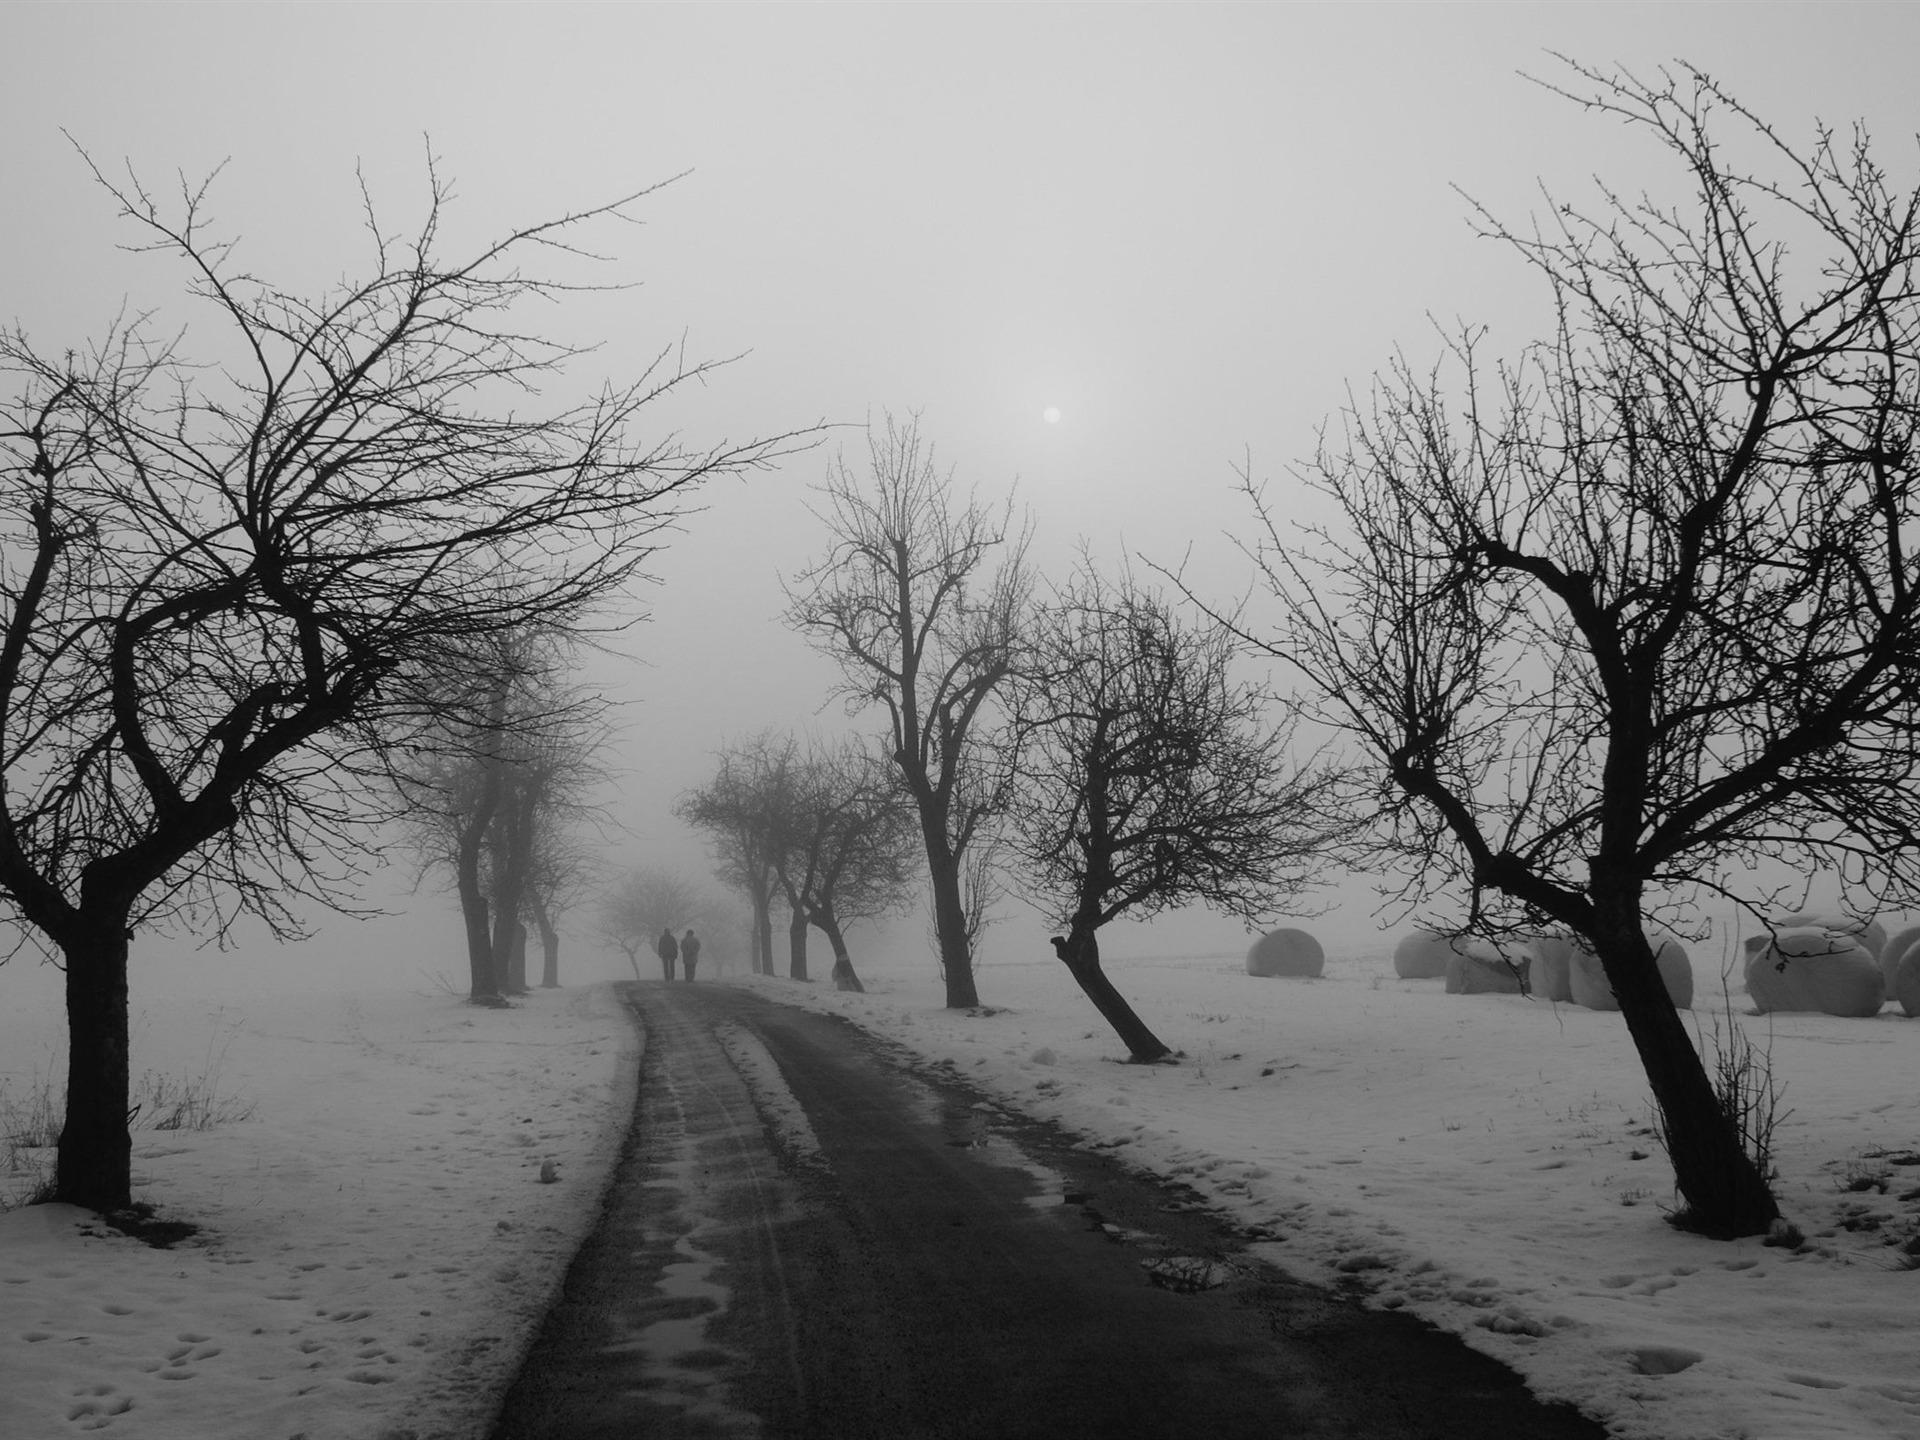 route d'hiver en noir et blanc-Winter neige fond d'écran ...